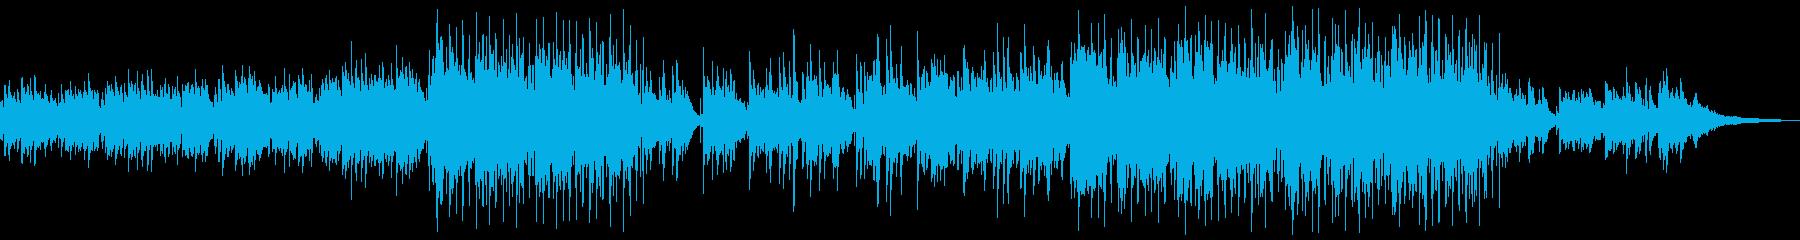 ノスタルジックなアコギアンサンブルの再生済みの波形